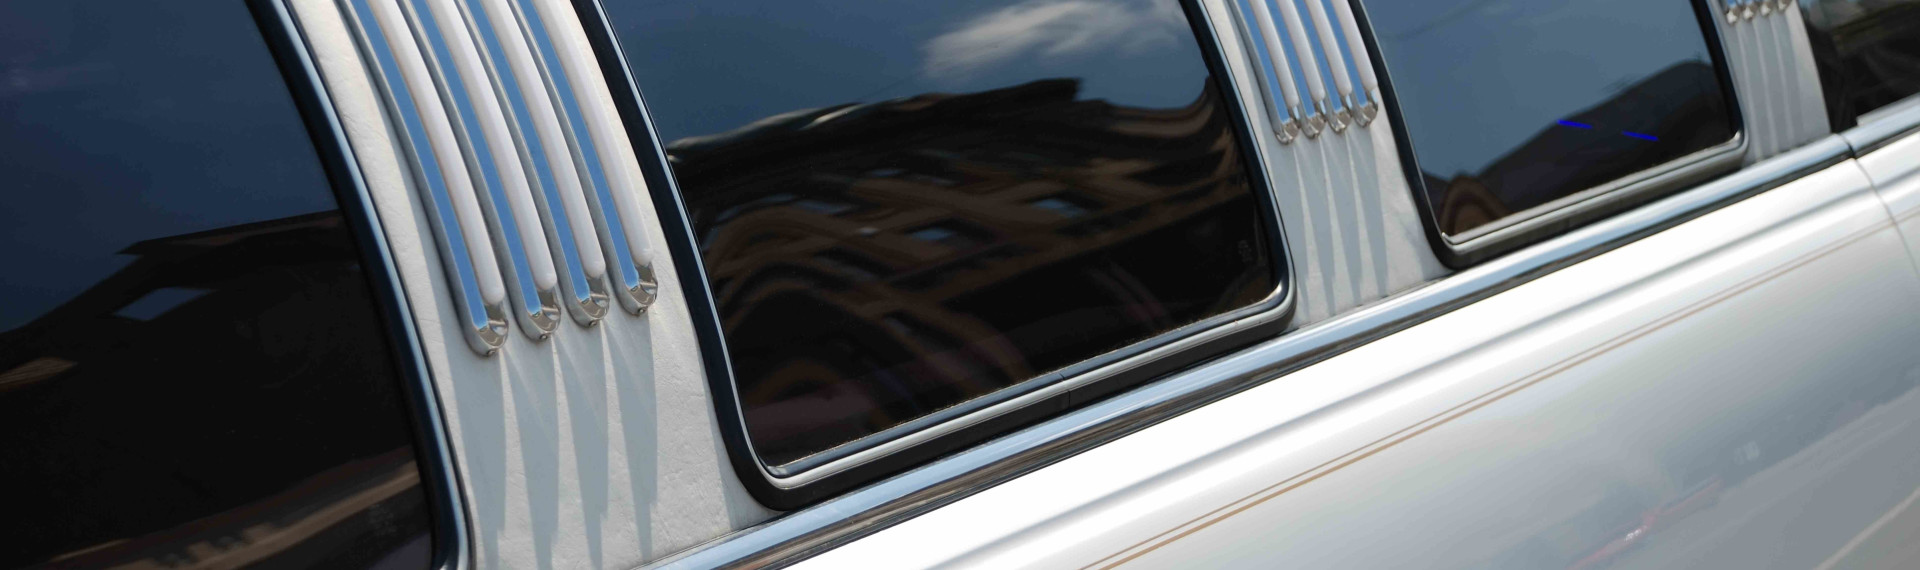 Stretchlimousine - Chrysler oder Dodge Stuttgart